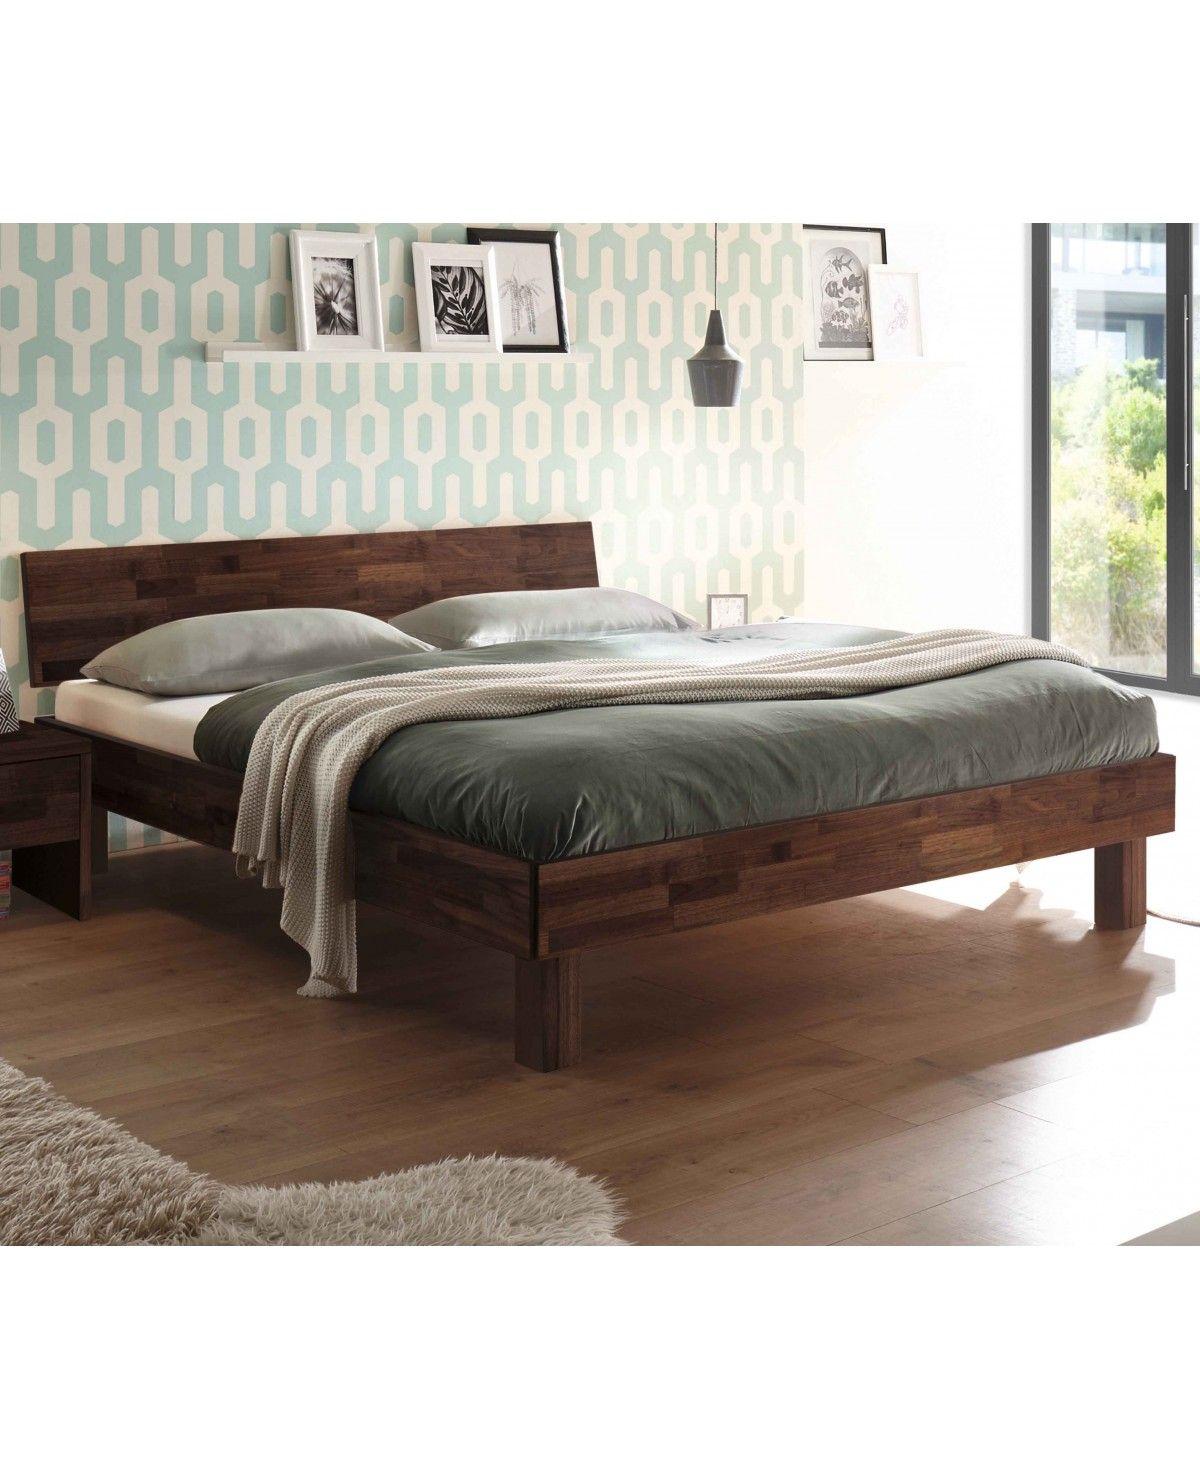 HASENA Fine Line Moderno Bett Forti 25 Nussbaum mit Kopfteil 100x200